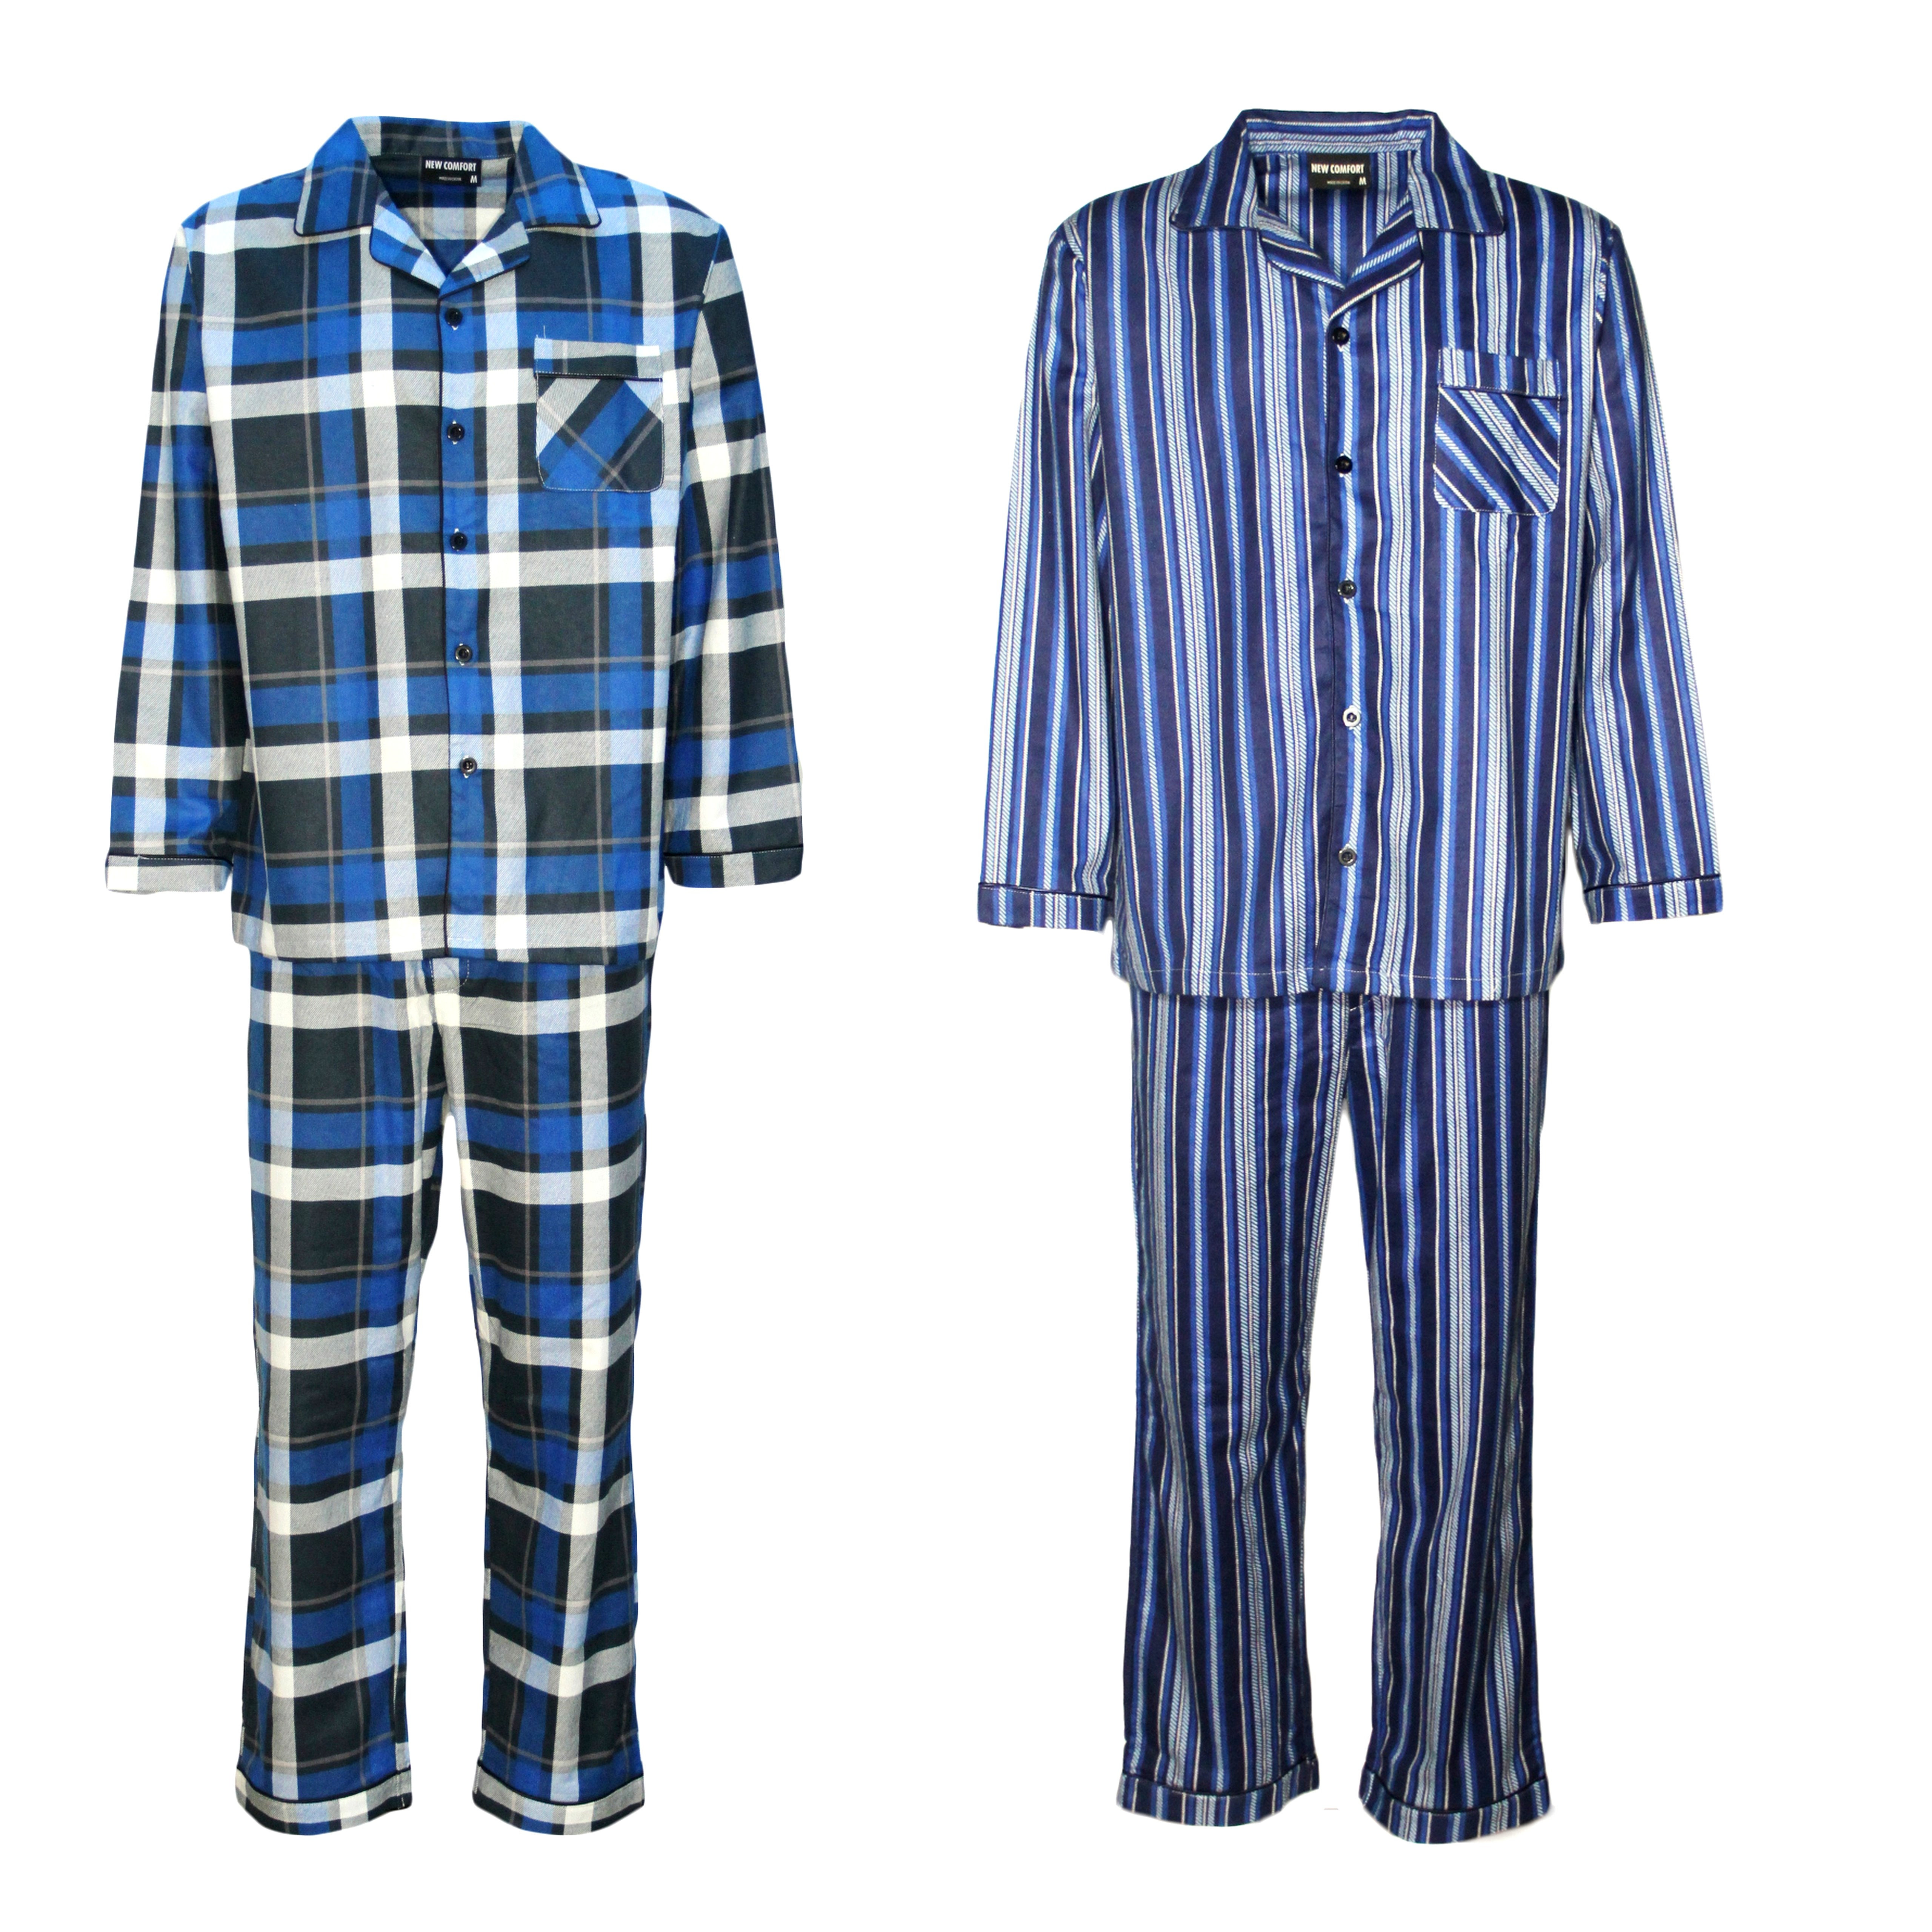 Men's 2PCS SET 100% Soft Cotton Pajamas Pyjamas PJs